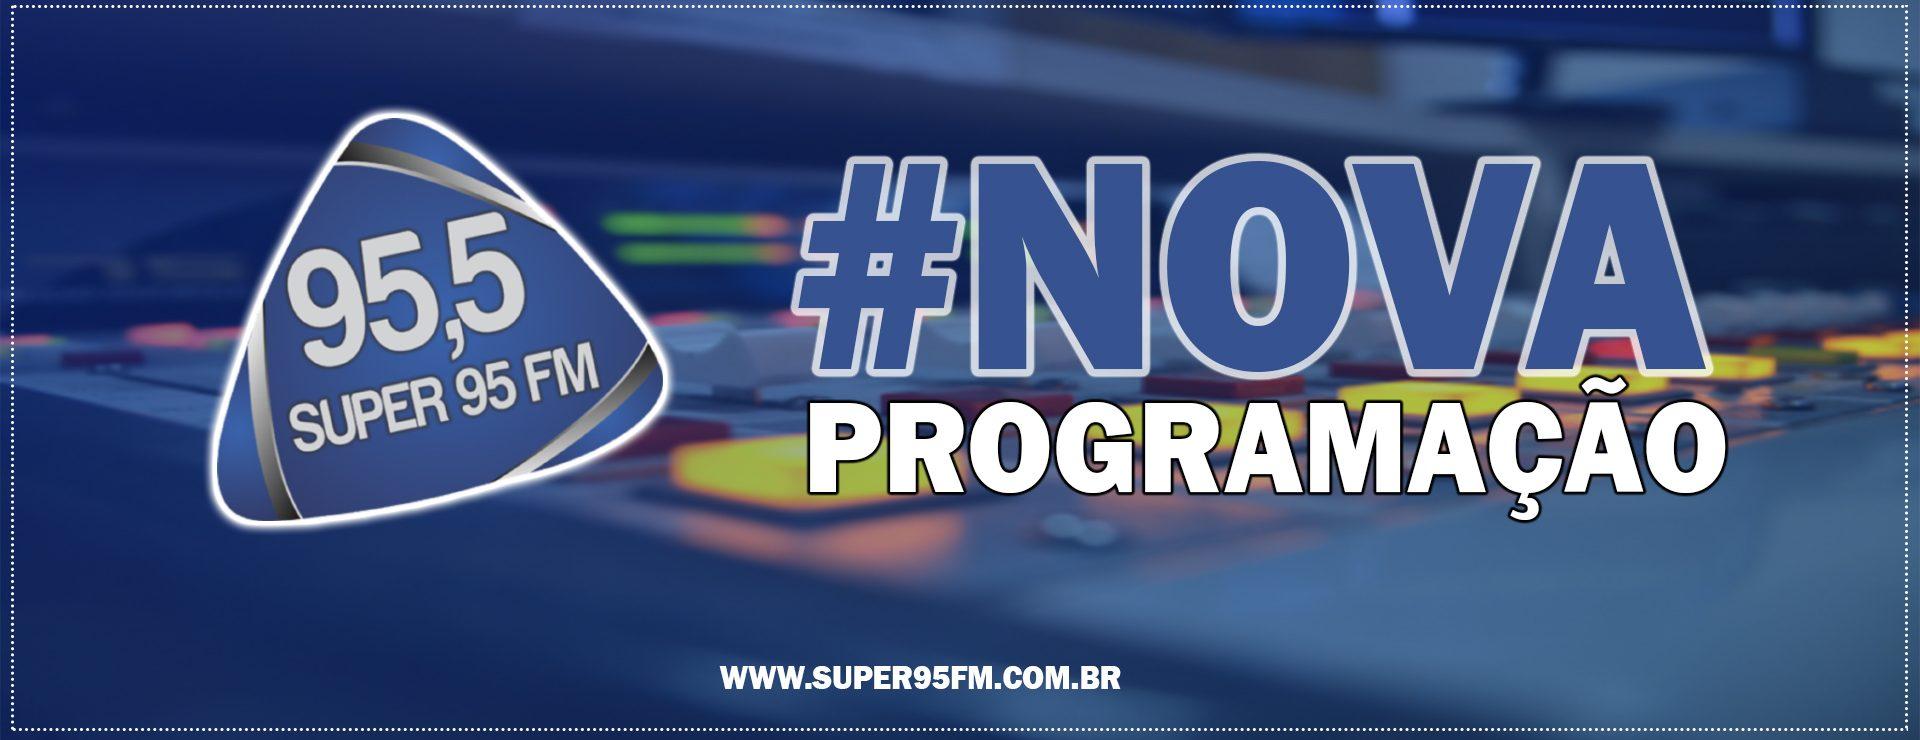 nova programação